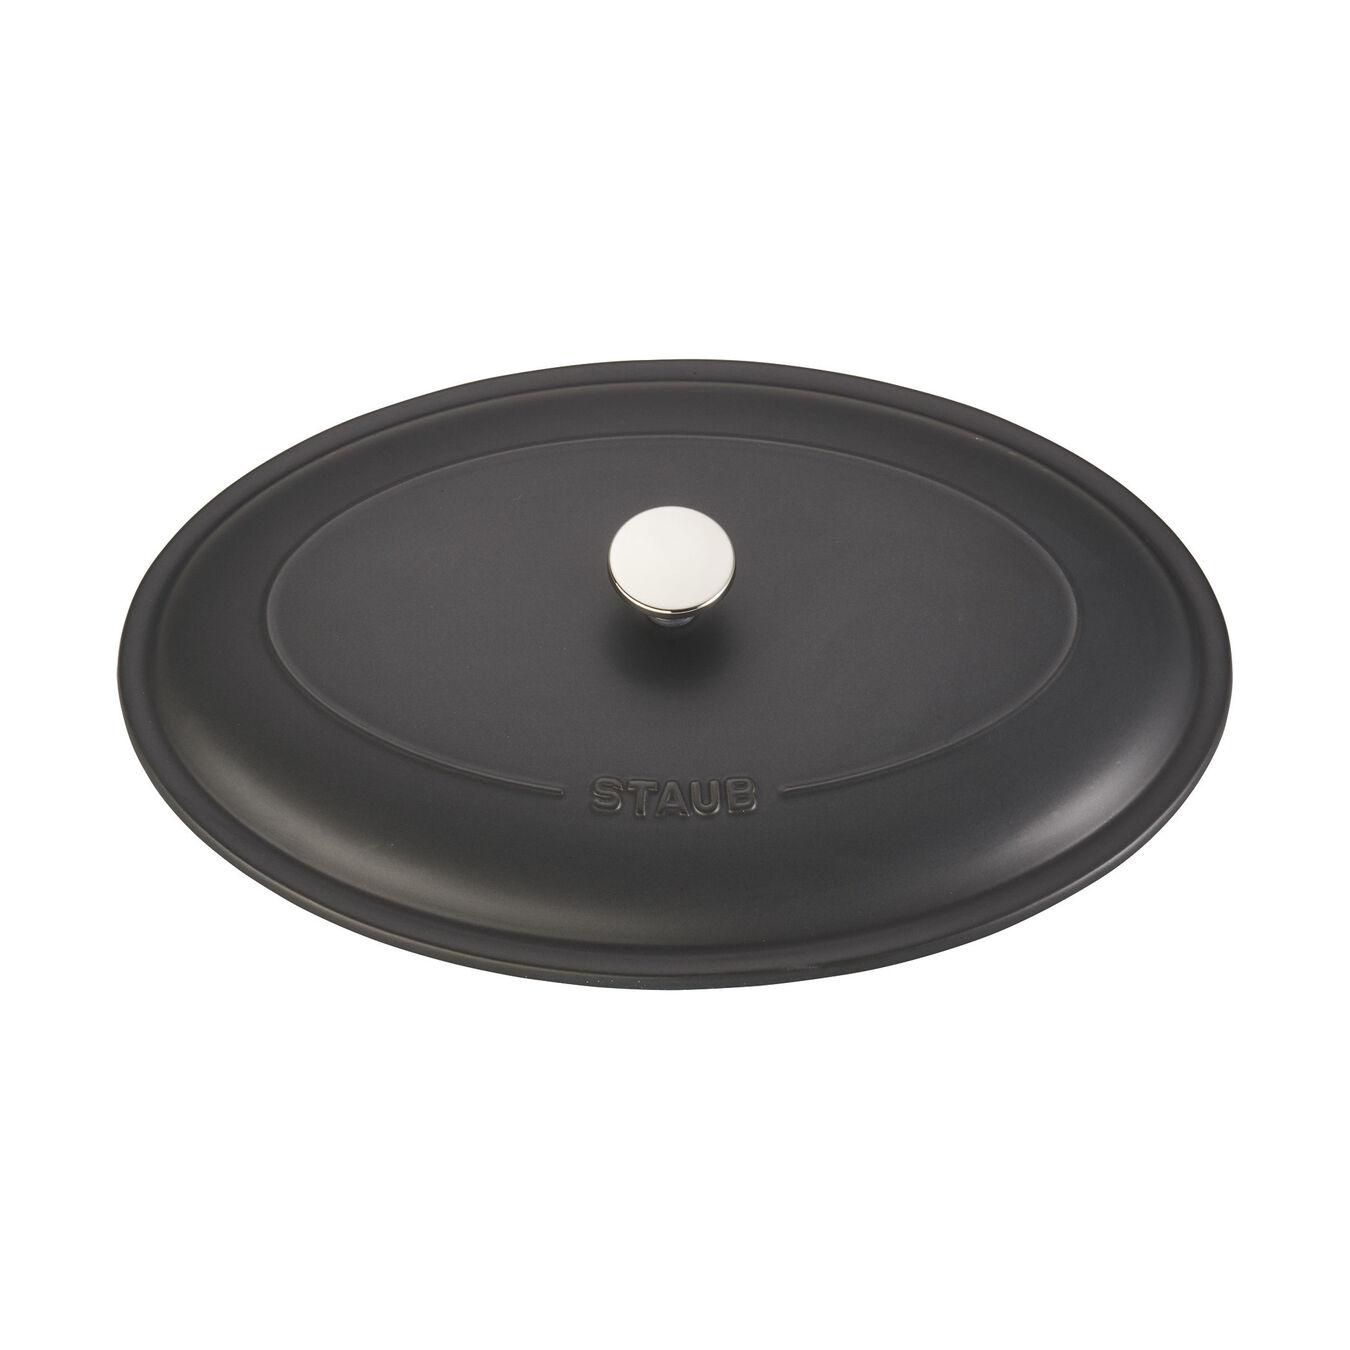 Special shape bakeware, black matte,,large 4